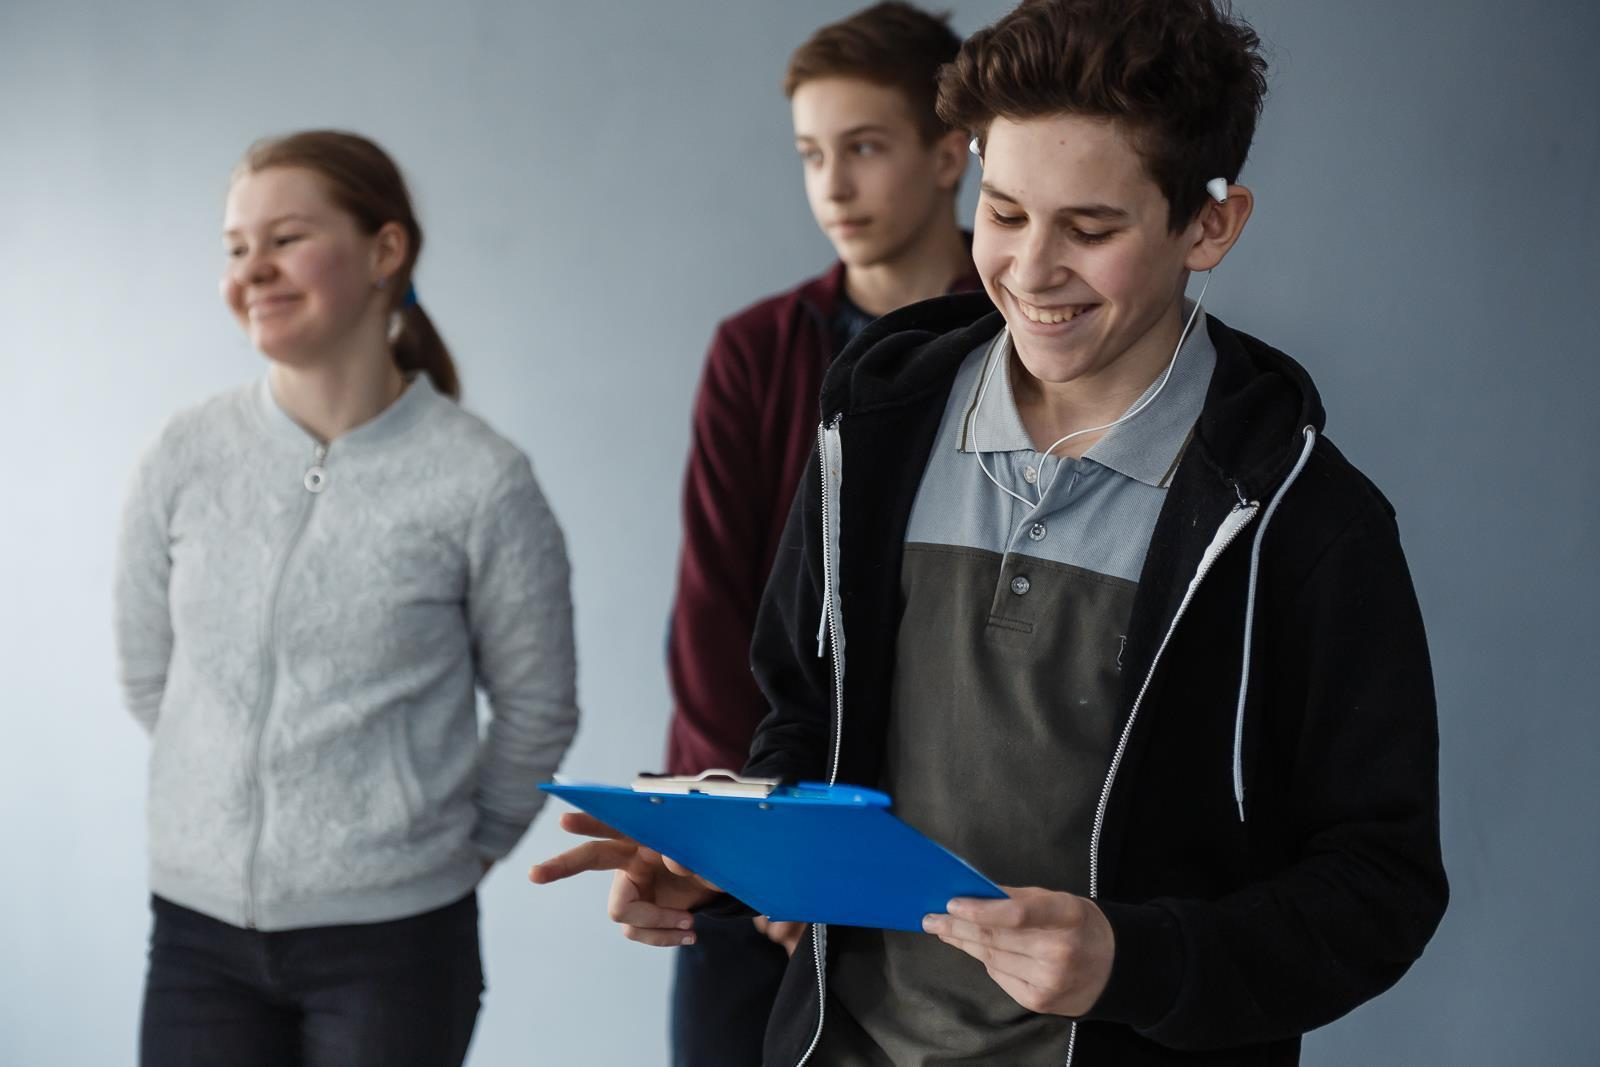 Українських підлітків запрошують у безкоштовну бізнес-школу